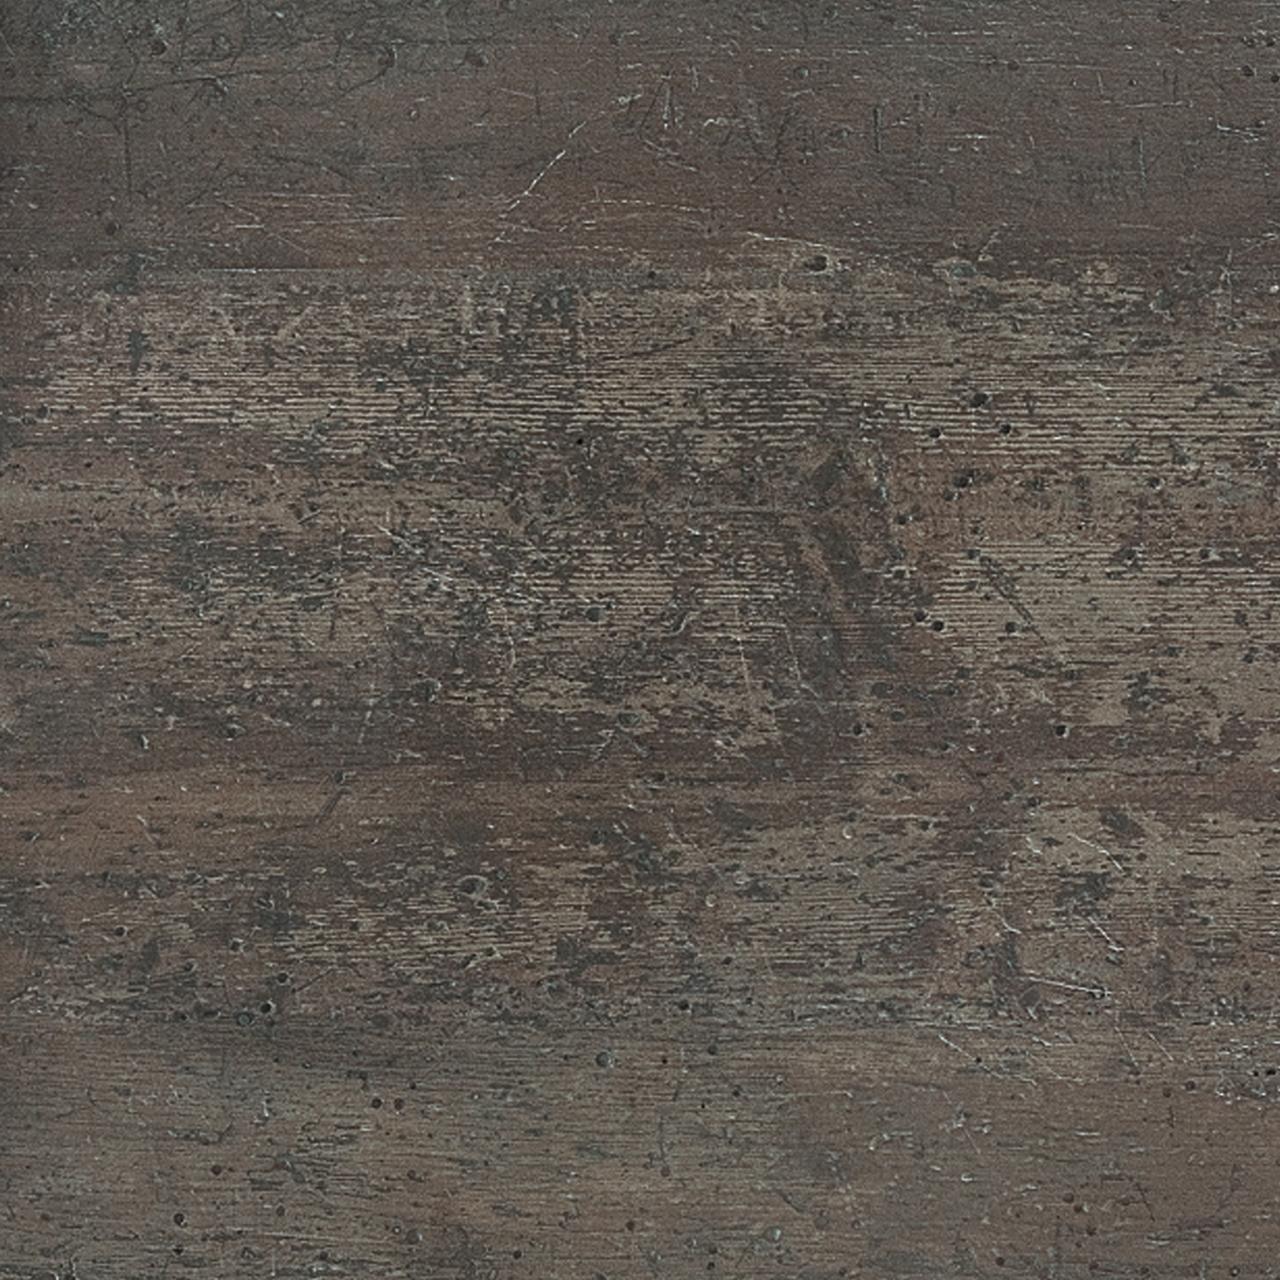 Wood2 - Le calde suggestioni dei legnami segnati dal tempo e dei tavoli usurati dal lavoro artigianale dell'uomo, sono protagoniste della collezione Wood². Il legno viene evocato e riscoperto nella sua unicità attraverso superfici mosse da solchi e venature naturali e viene proposto nell'inconsueto formato quadrato che ne esalta il carattere moderno e ne mette in luce la ricerca formale indirizzata a creare un prodotto fortemente connotato nell'area del design d'interni. Unica ed innovativa pur nella sua ispirazione naturalista, la collezione Wood² dà vita ad atmosfere vintage in ambienti che trasmettono il fascino di storie vissute.